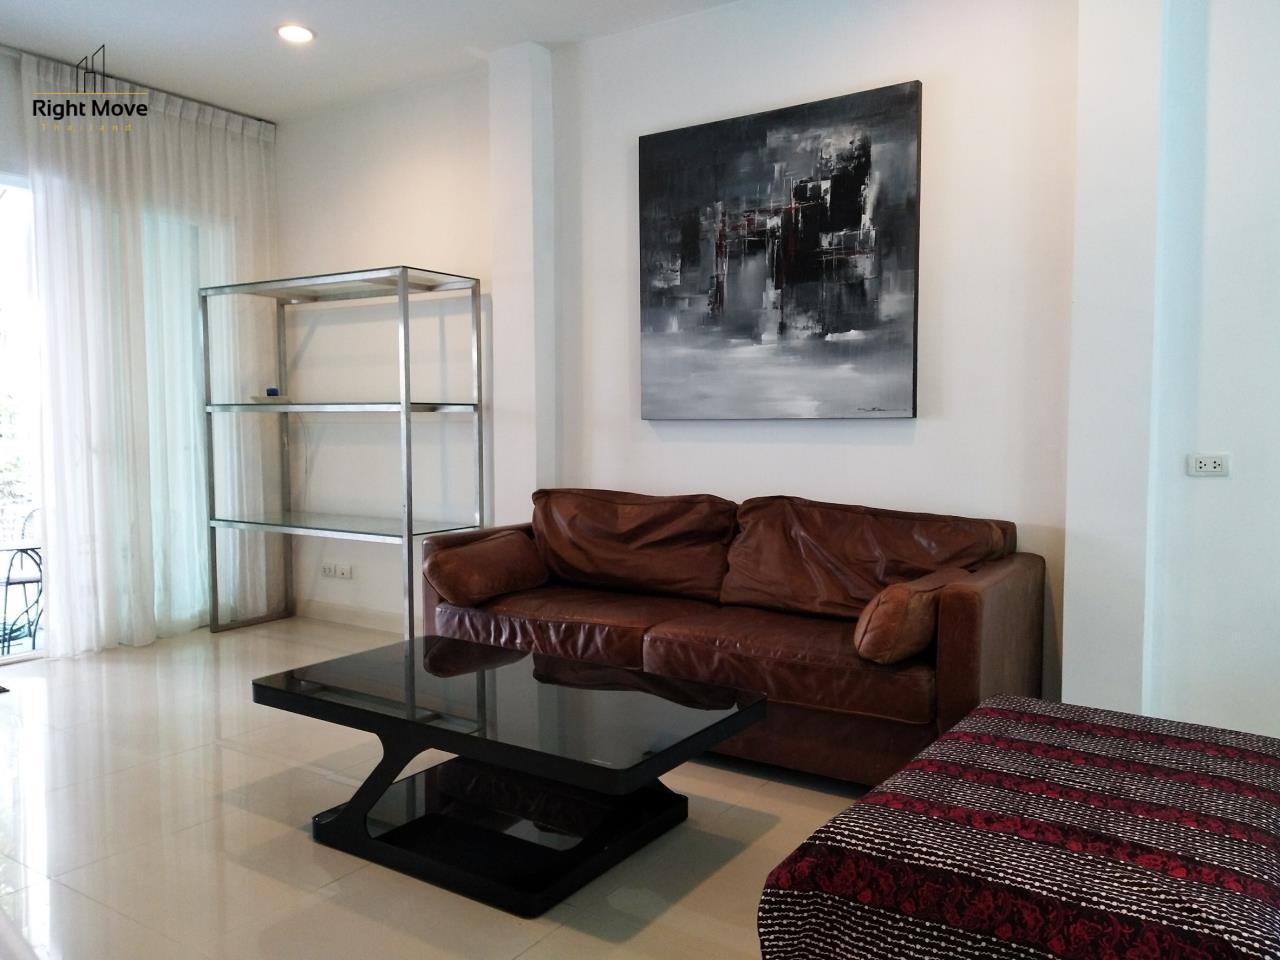 ขายบ้าน วังทองหลาง กรุงเทพมหานคร, ภาพที่ 3